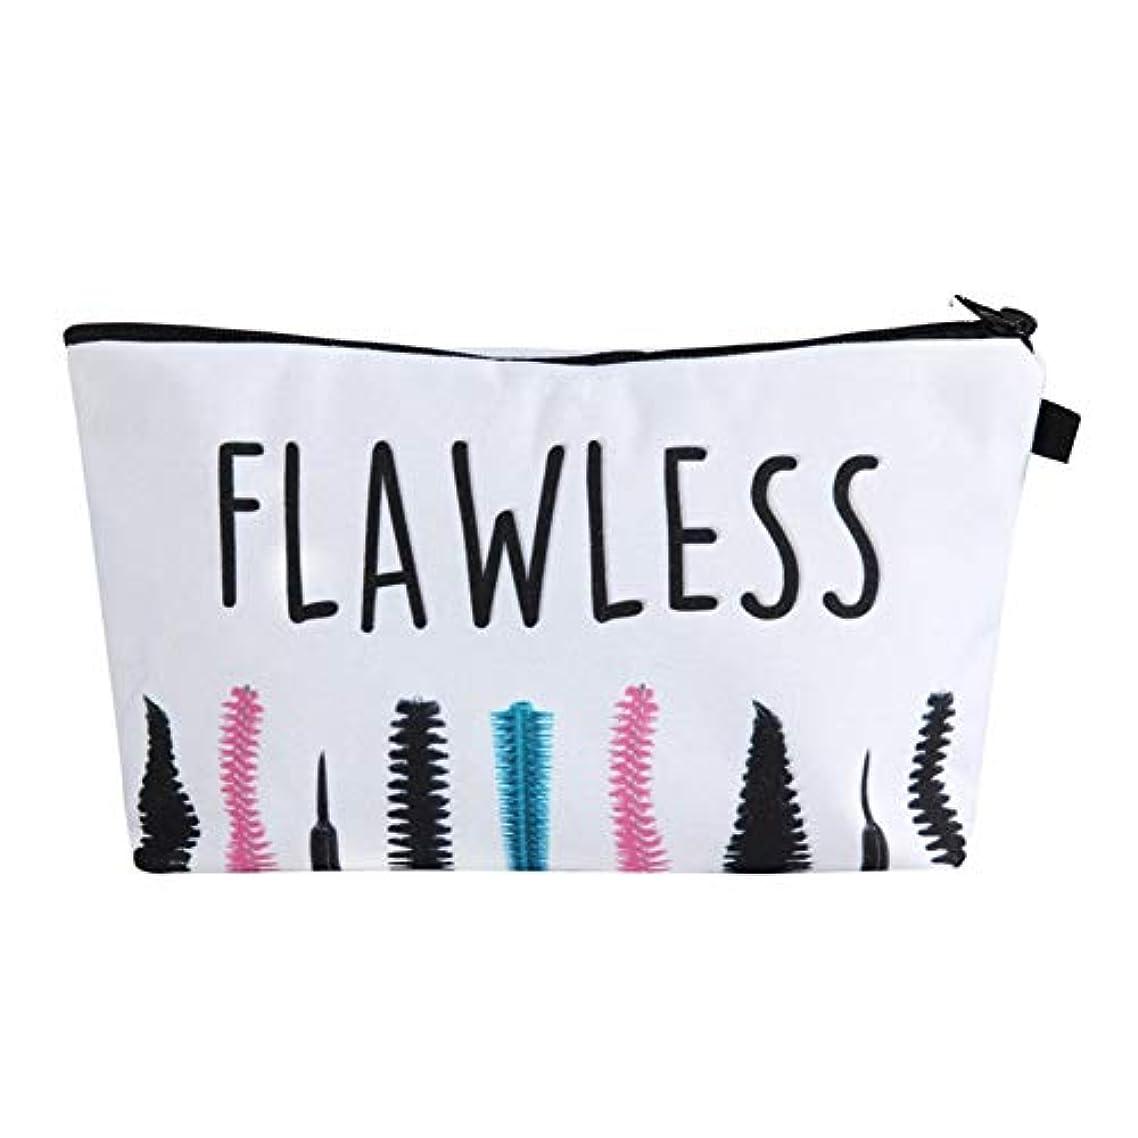 でいらいらさせる回想化粧オーガナイザーバッグ ポータブル防水化粧品袋印刷トップジッパーメークアップの場合旅行 化粧品ケース (色 : 白)